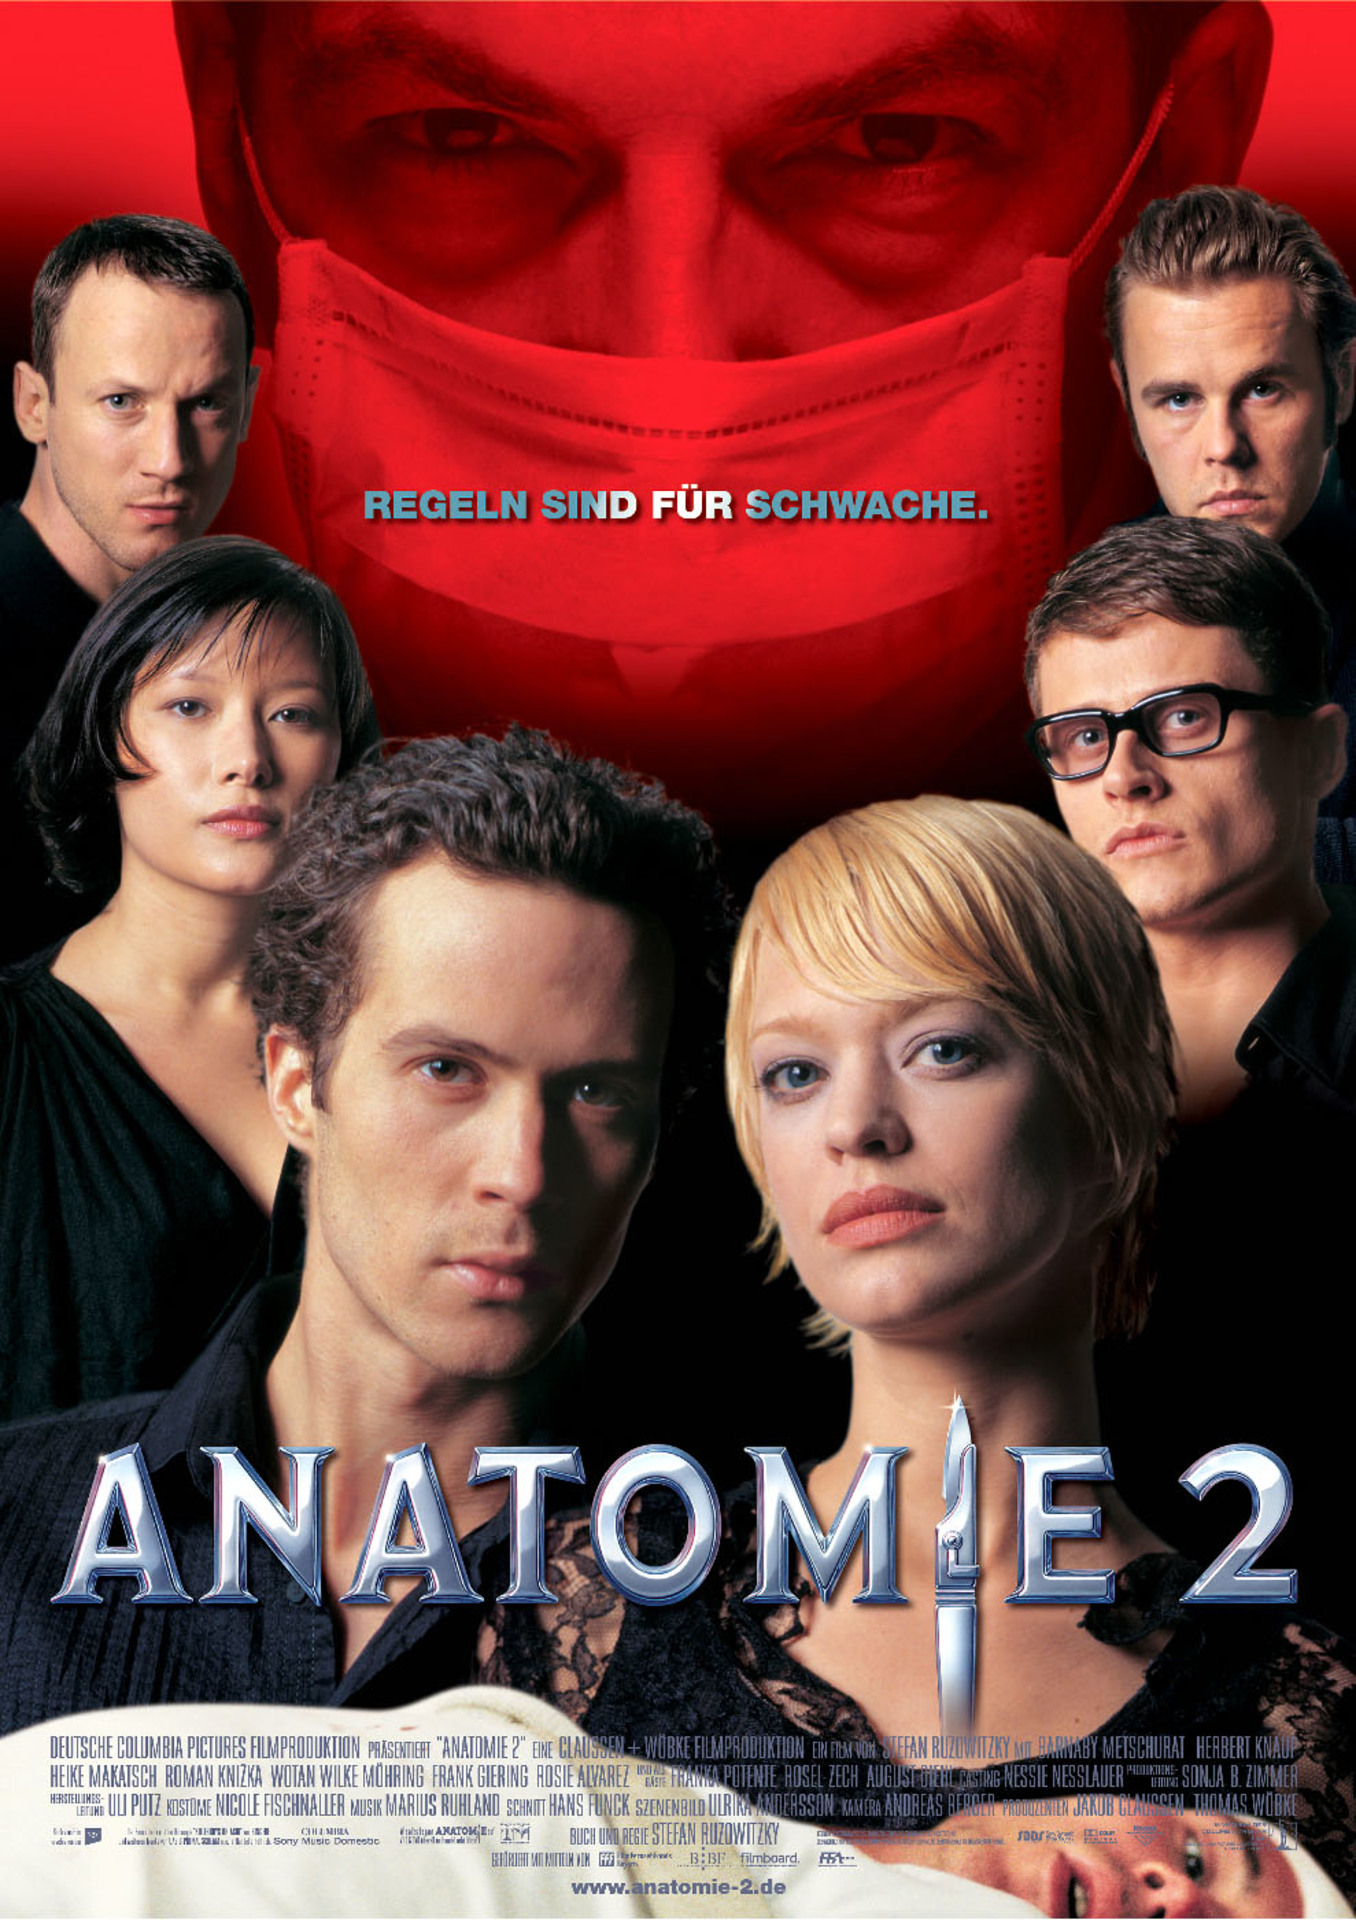 Anatomie 2 (2003) - IMDb